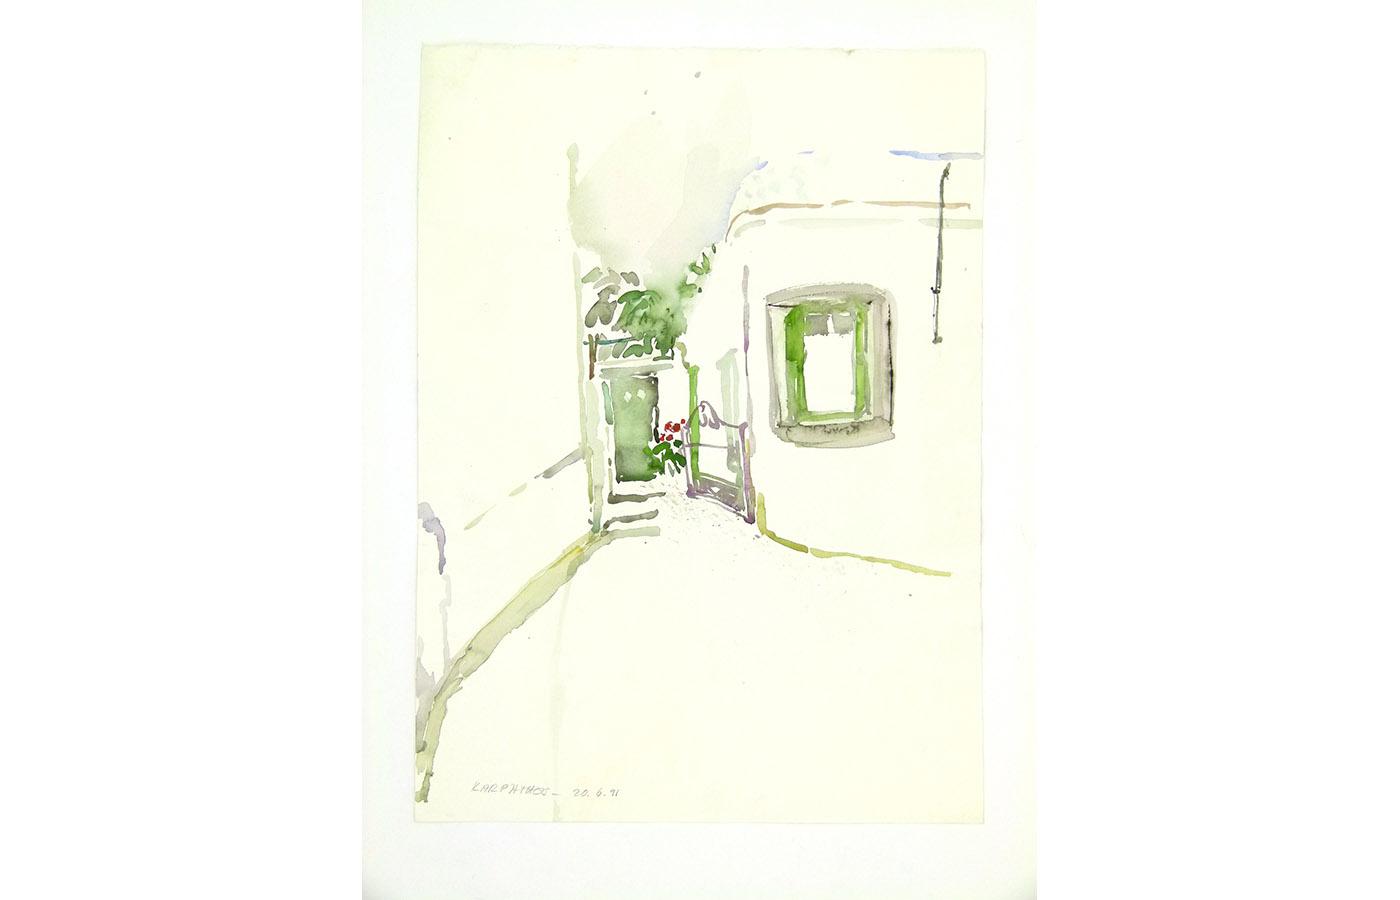 Landschaften und Reisebilder, Aquarell, 1991 bis 1993_0015_L1110058a